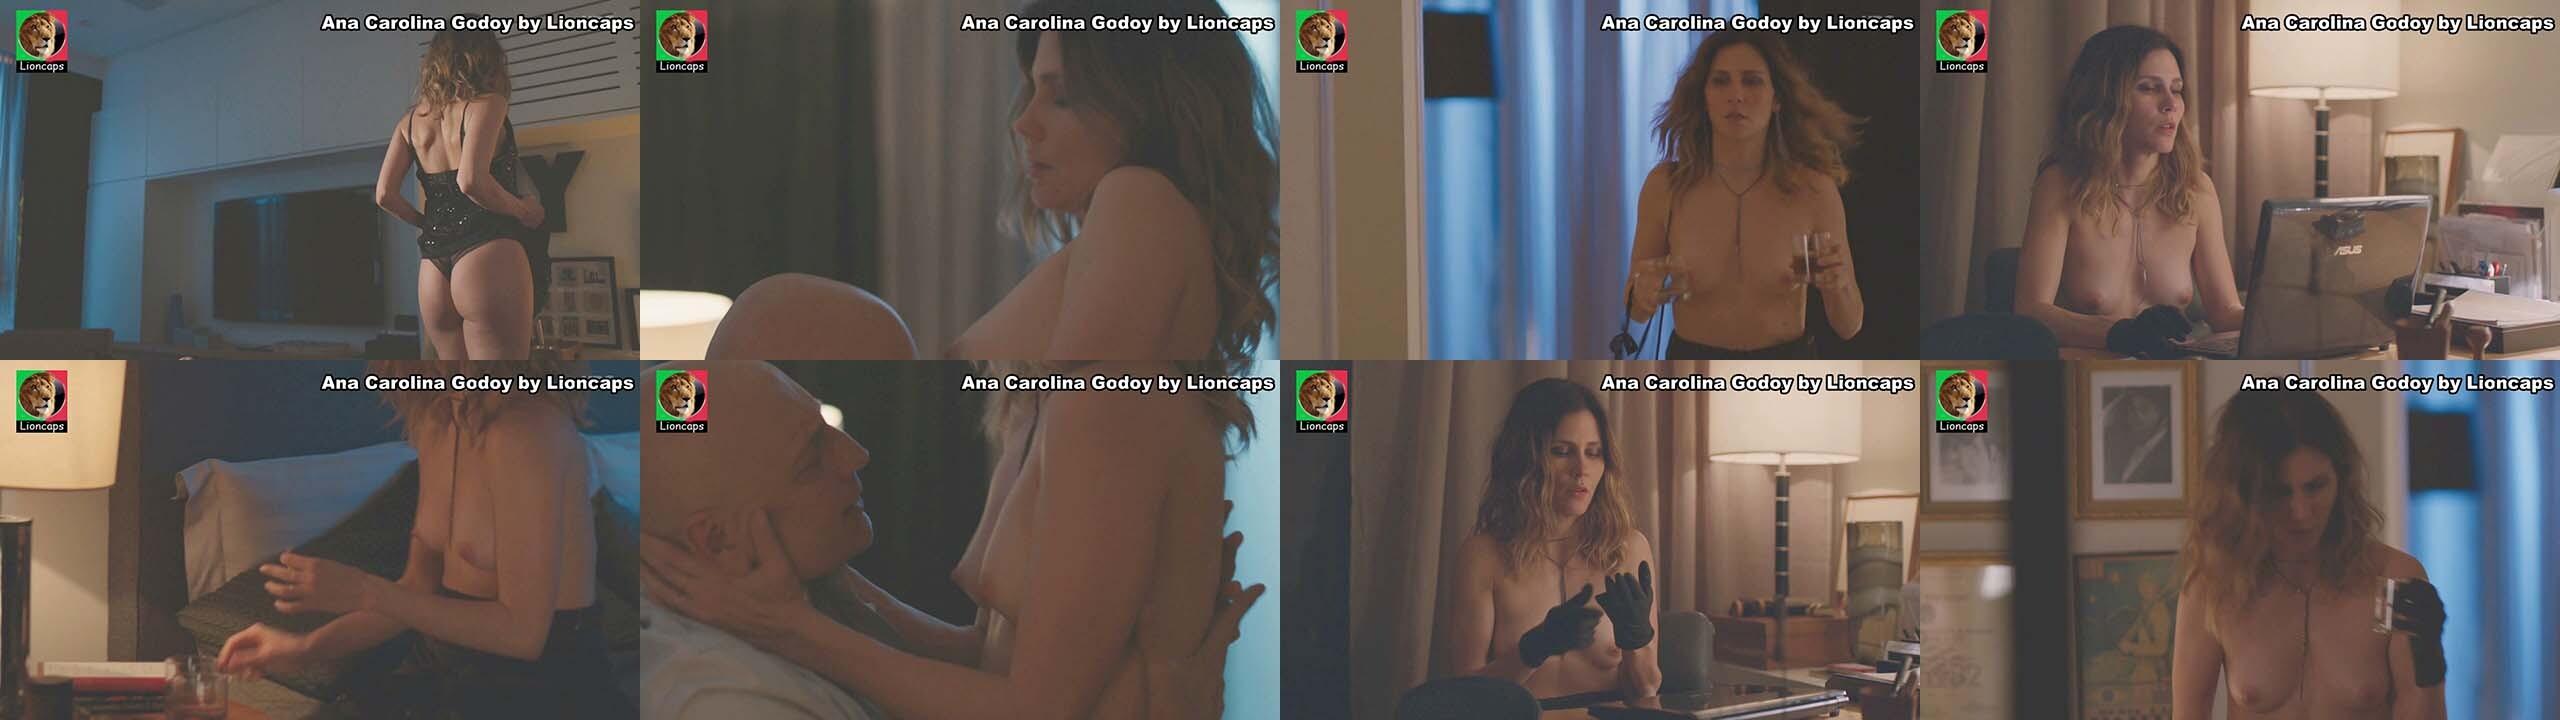 ana_carolina_godoy_segredo_casais_lioncaps_27_03_2020.jpg